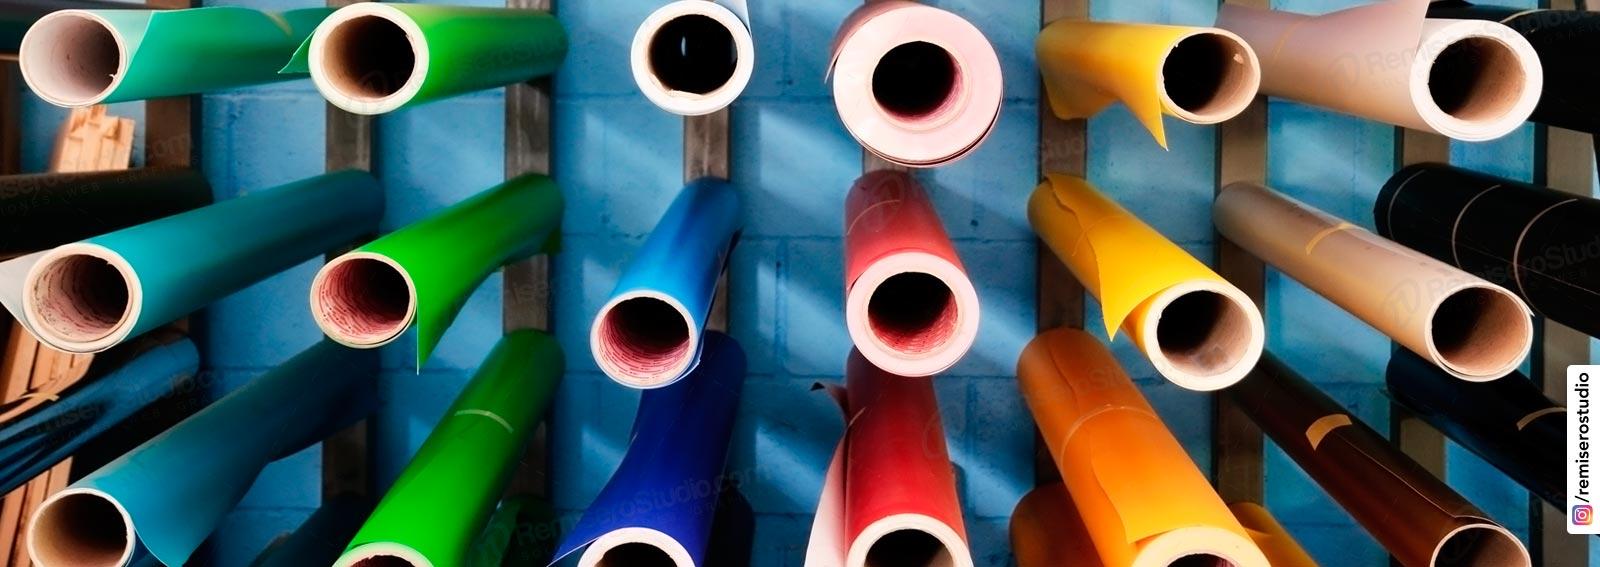 Ploteos corte en vinil adhesivo